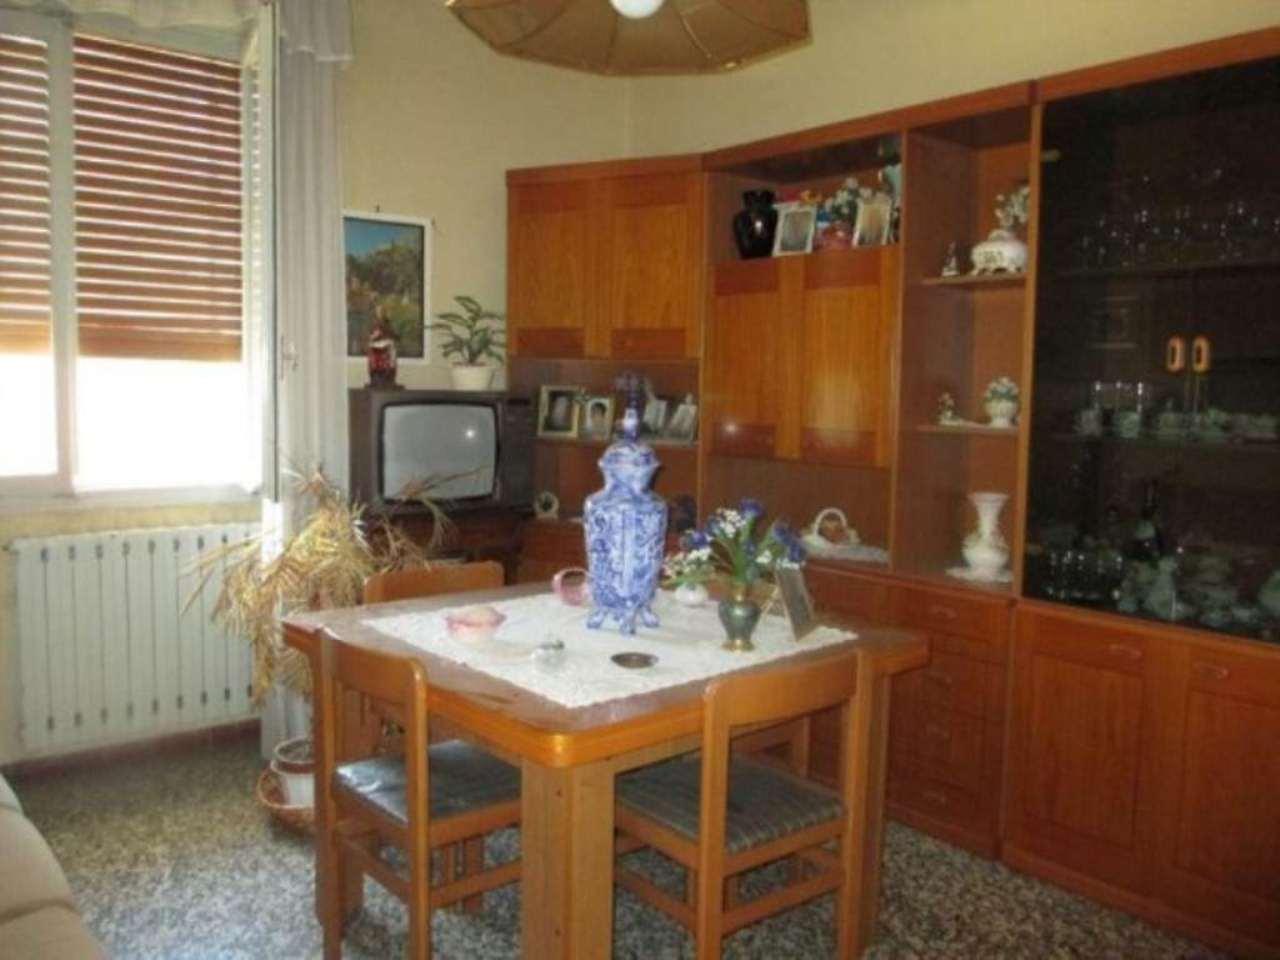 Appartamento in vendita a Soresina, 2 locali, prezzo € 28.000 | CambioCasa.it